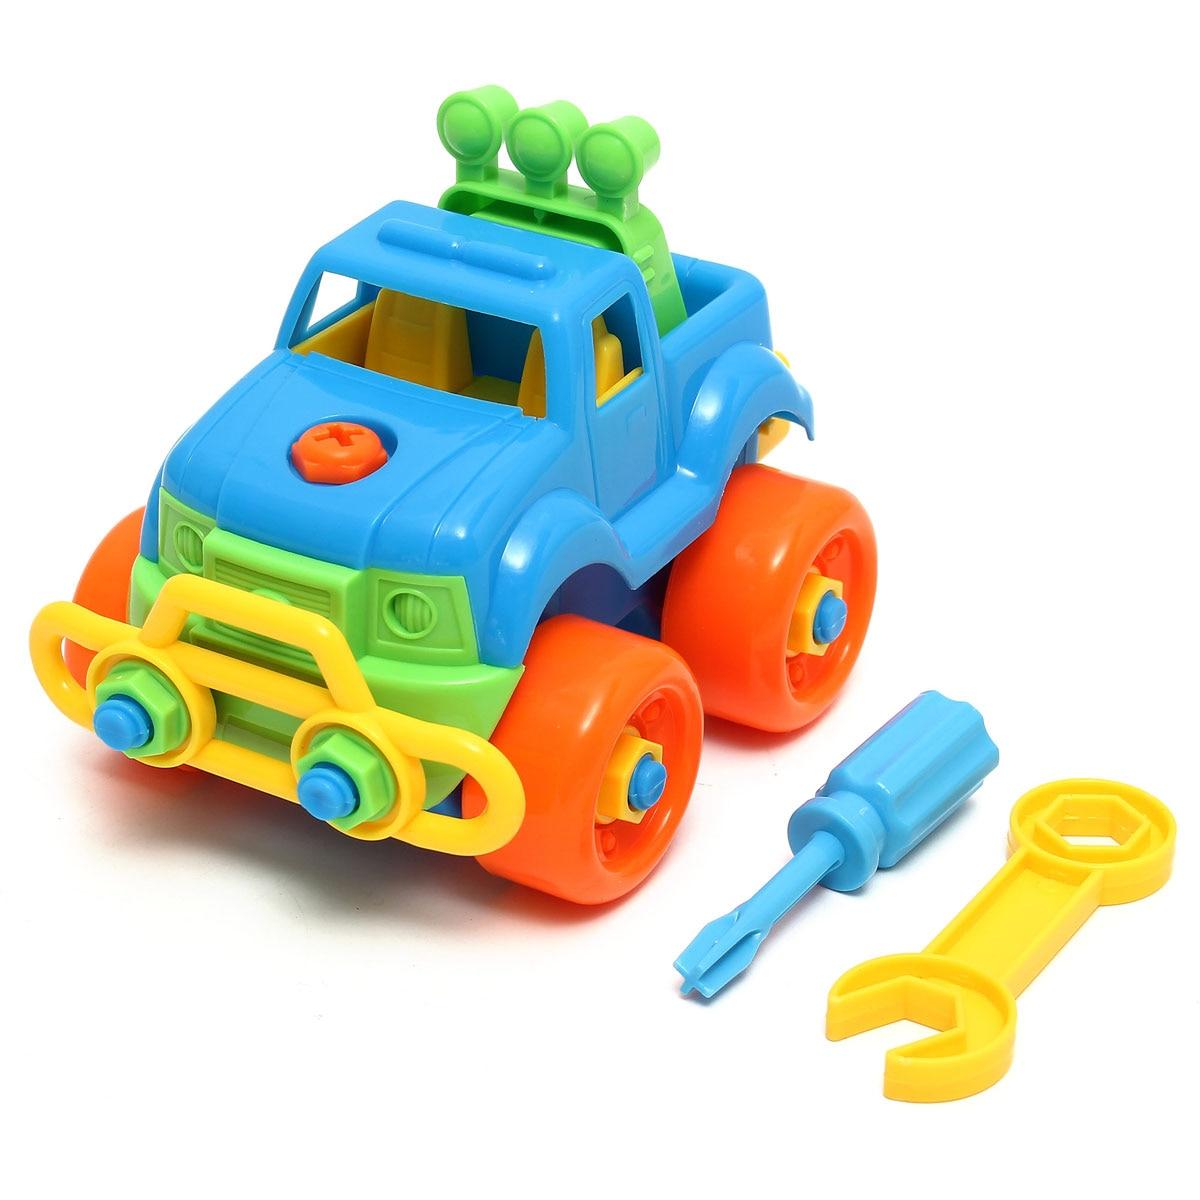 Szétszerelés szerelvény Klasszikus autójáték csavarhúzóval, ajándék gyerekeknek